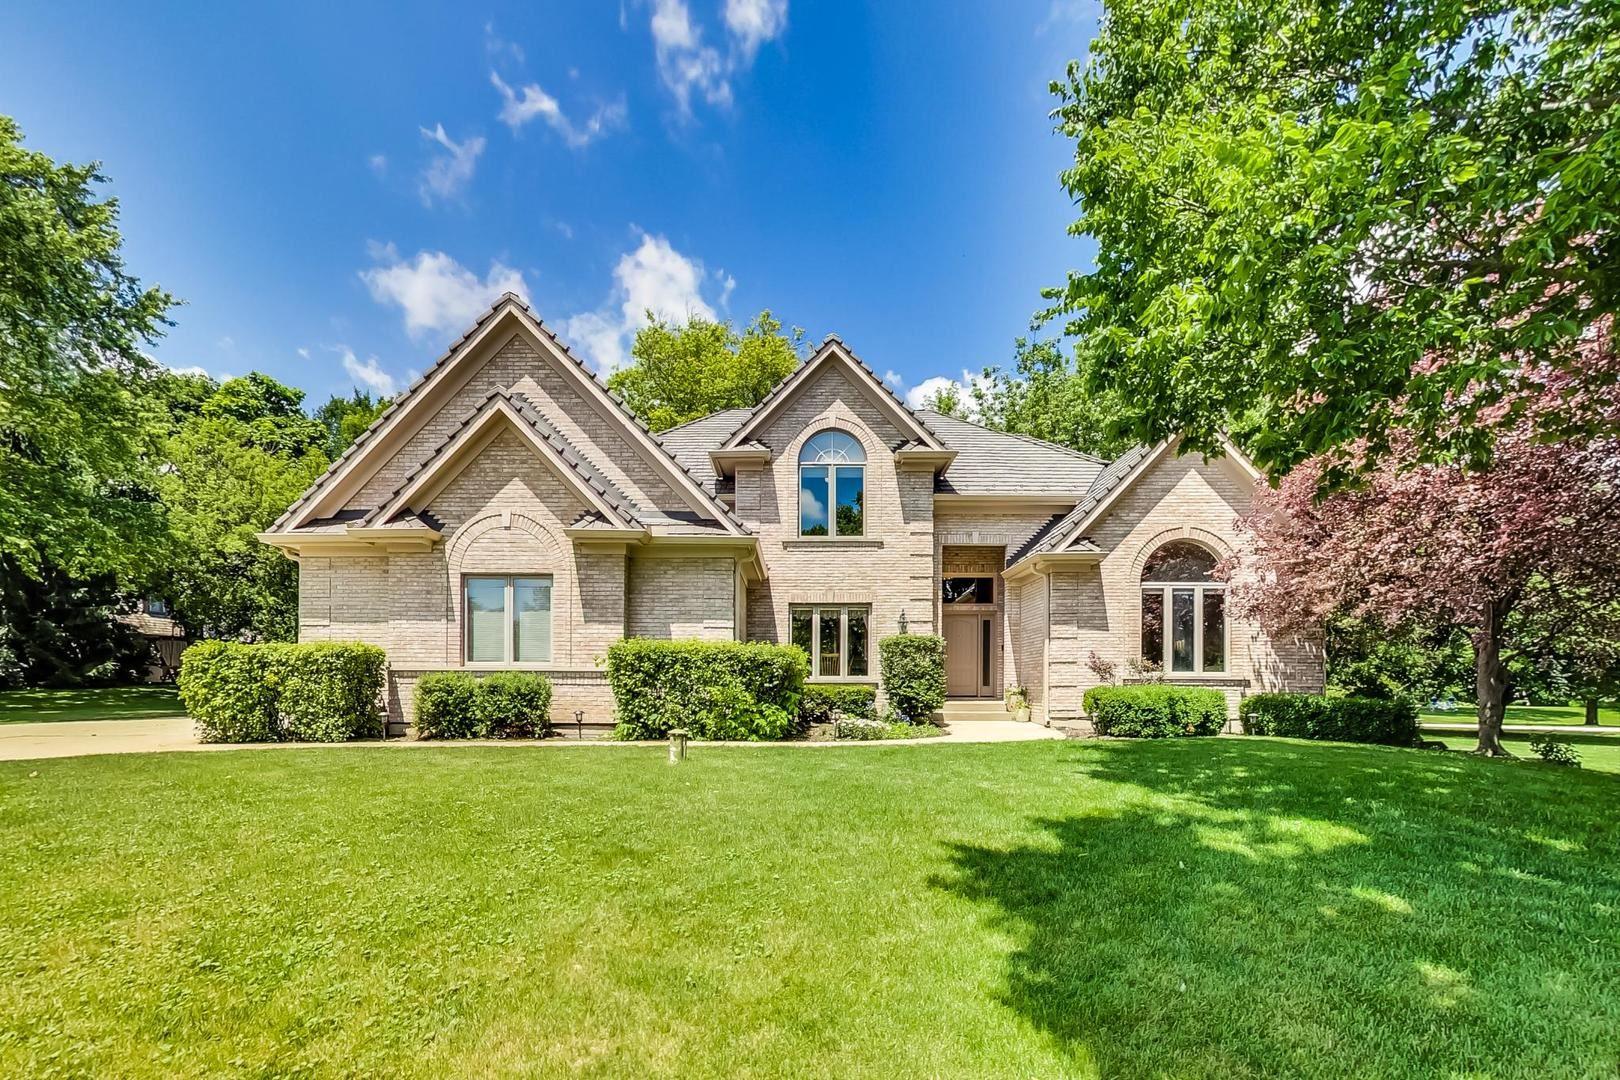 17 Stone Creek Drive, Hawthorn Woods, IL 60047 - #: 10764565